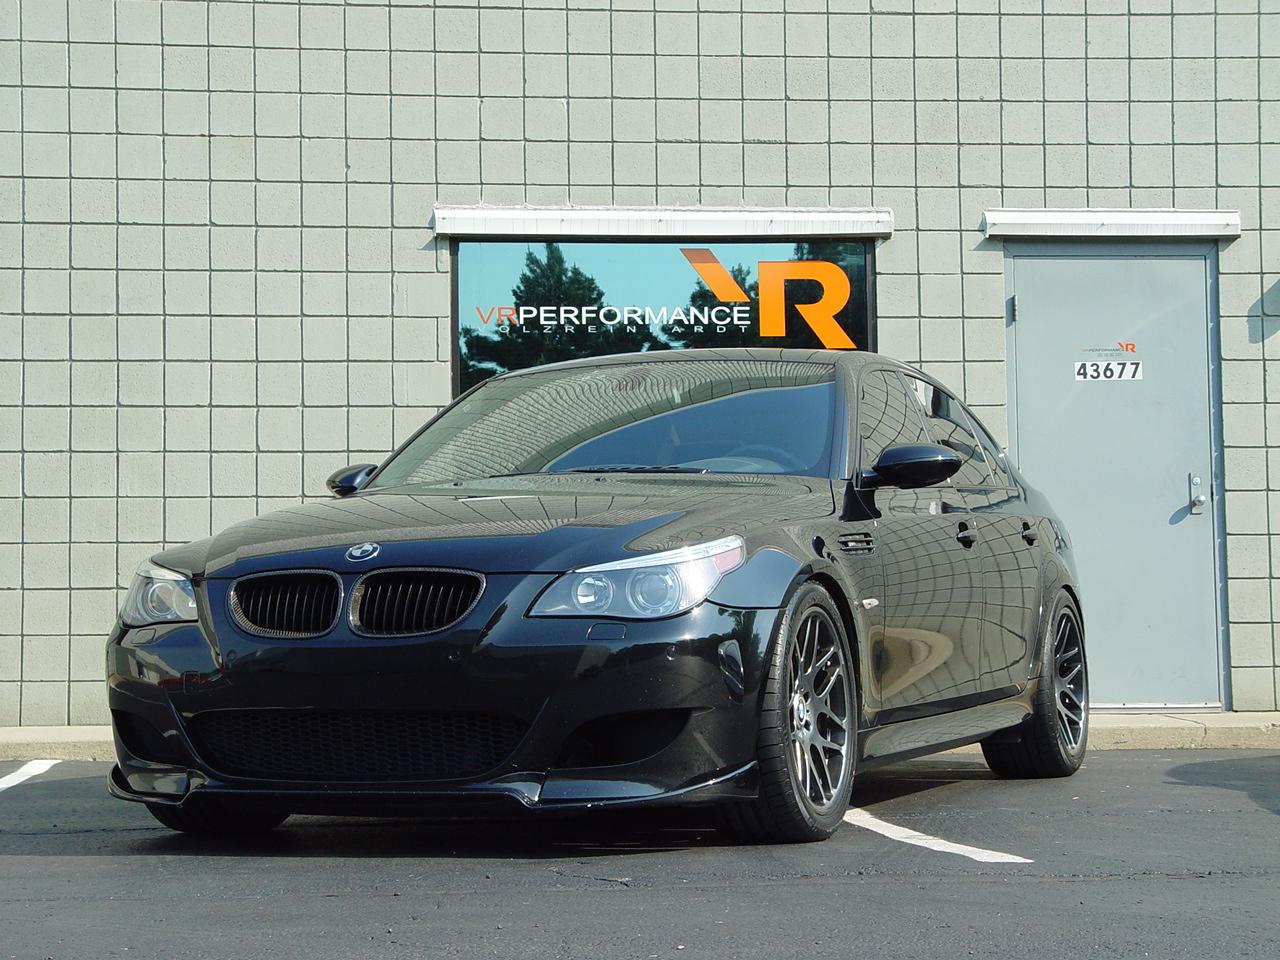 """//www.dragtimes.com/images/12396-2006-BMW-M5.jpg"""" grafik dosyası hatalı olduğu için gösterilemiyor."""